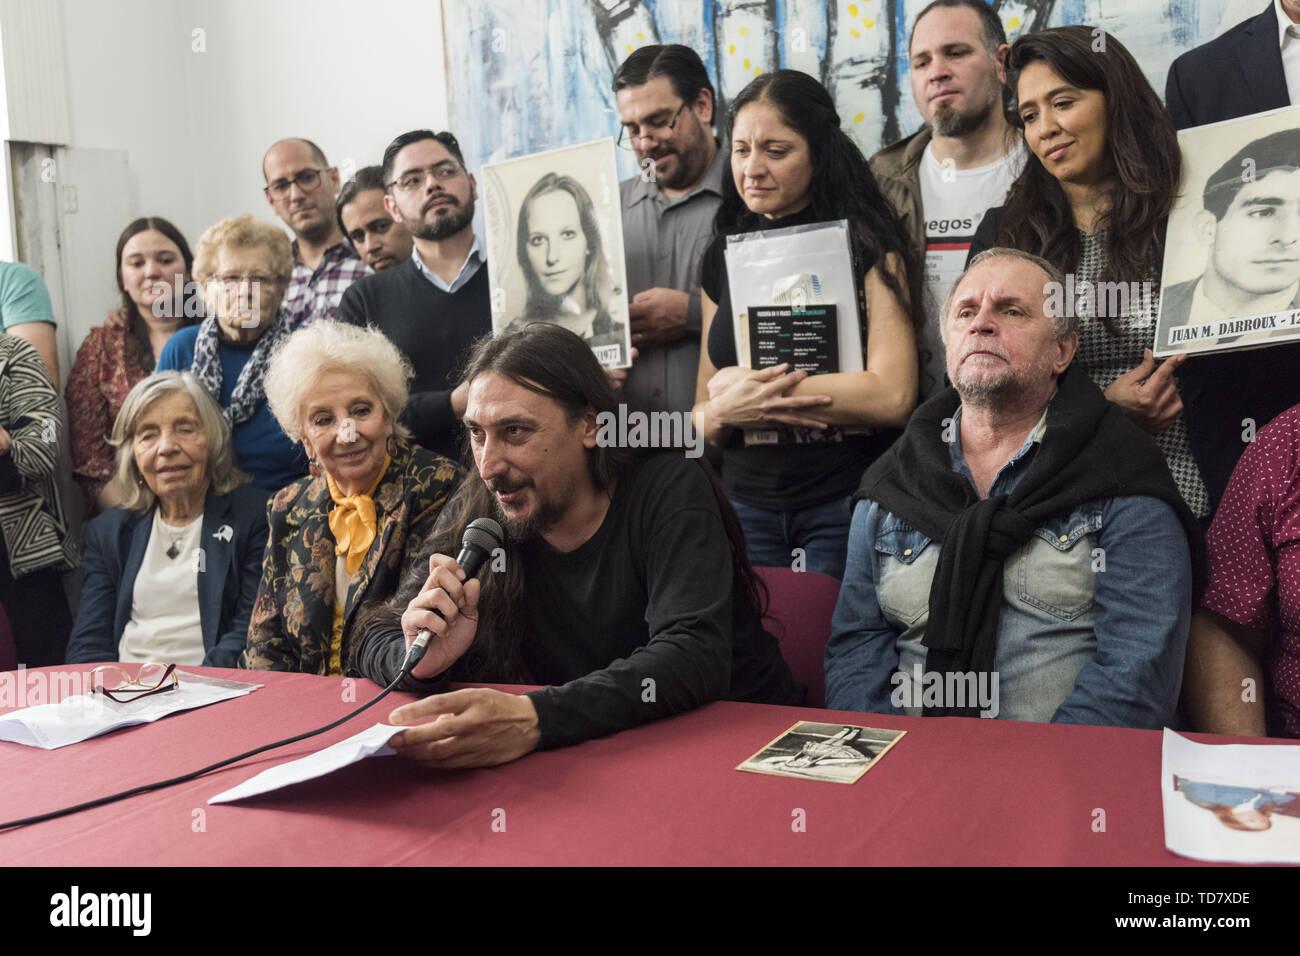 Abuelas En Pelotas buenos aires, argentina. 13 de junio de 2019. worldnews. el